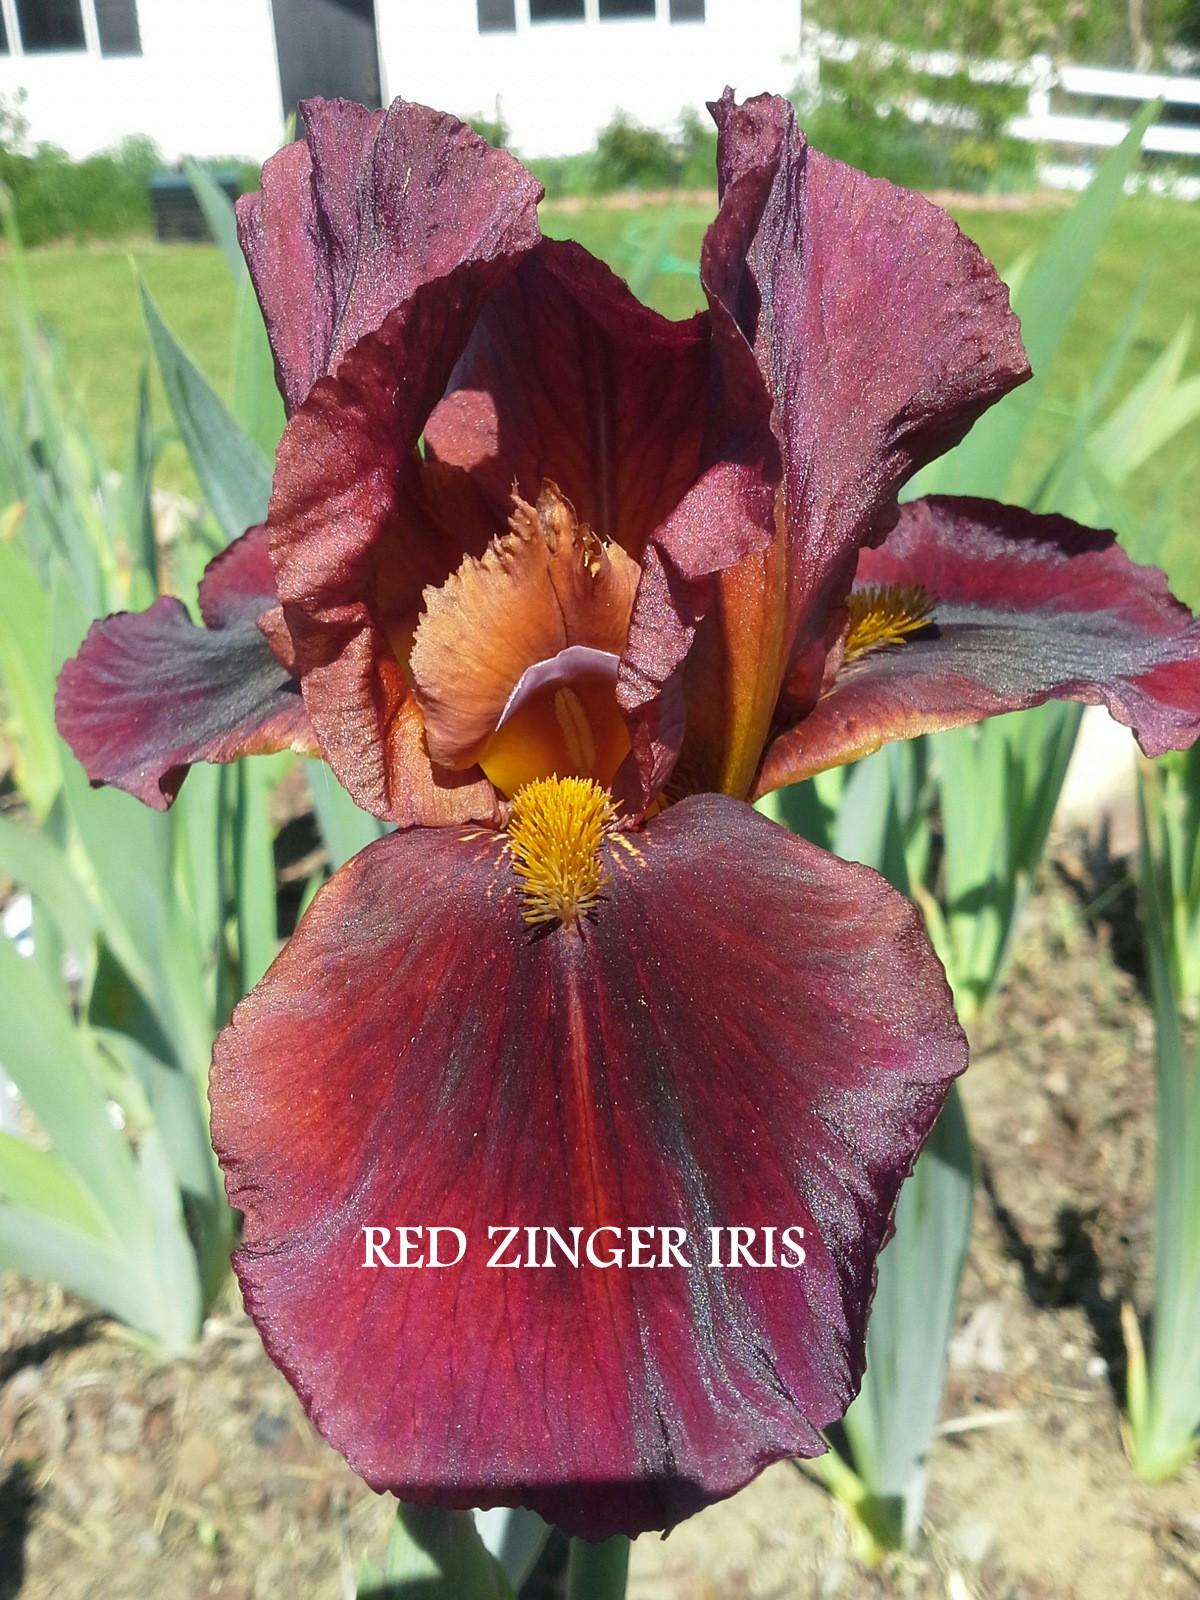 Red Zinger Iris